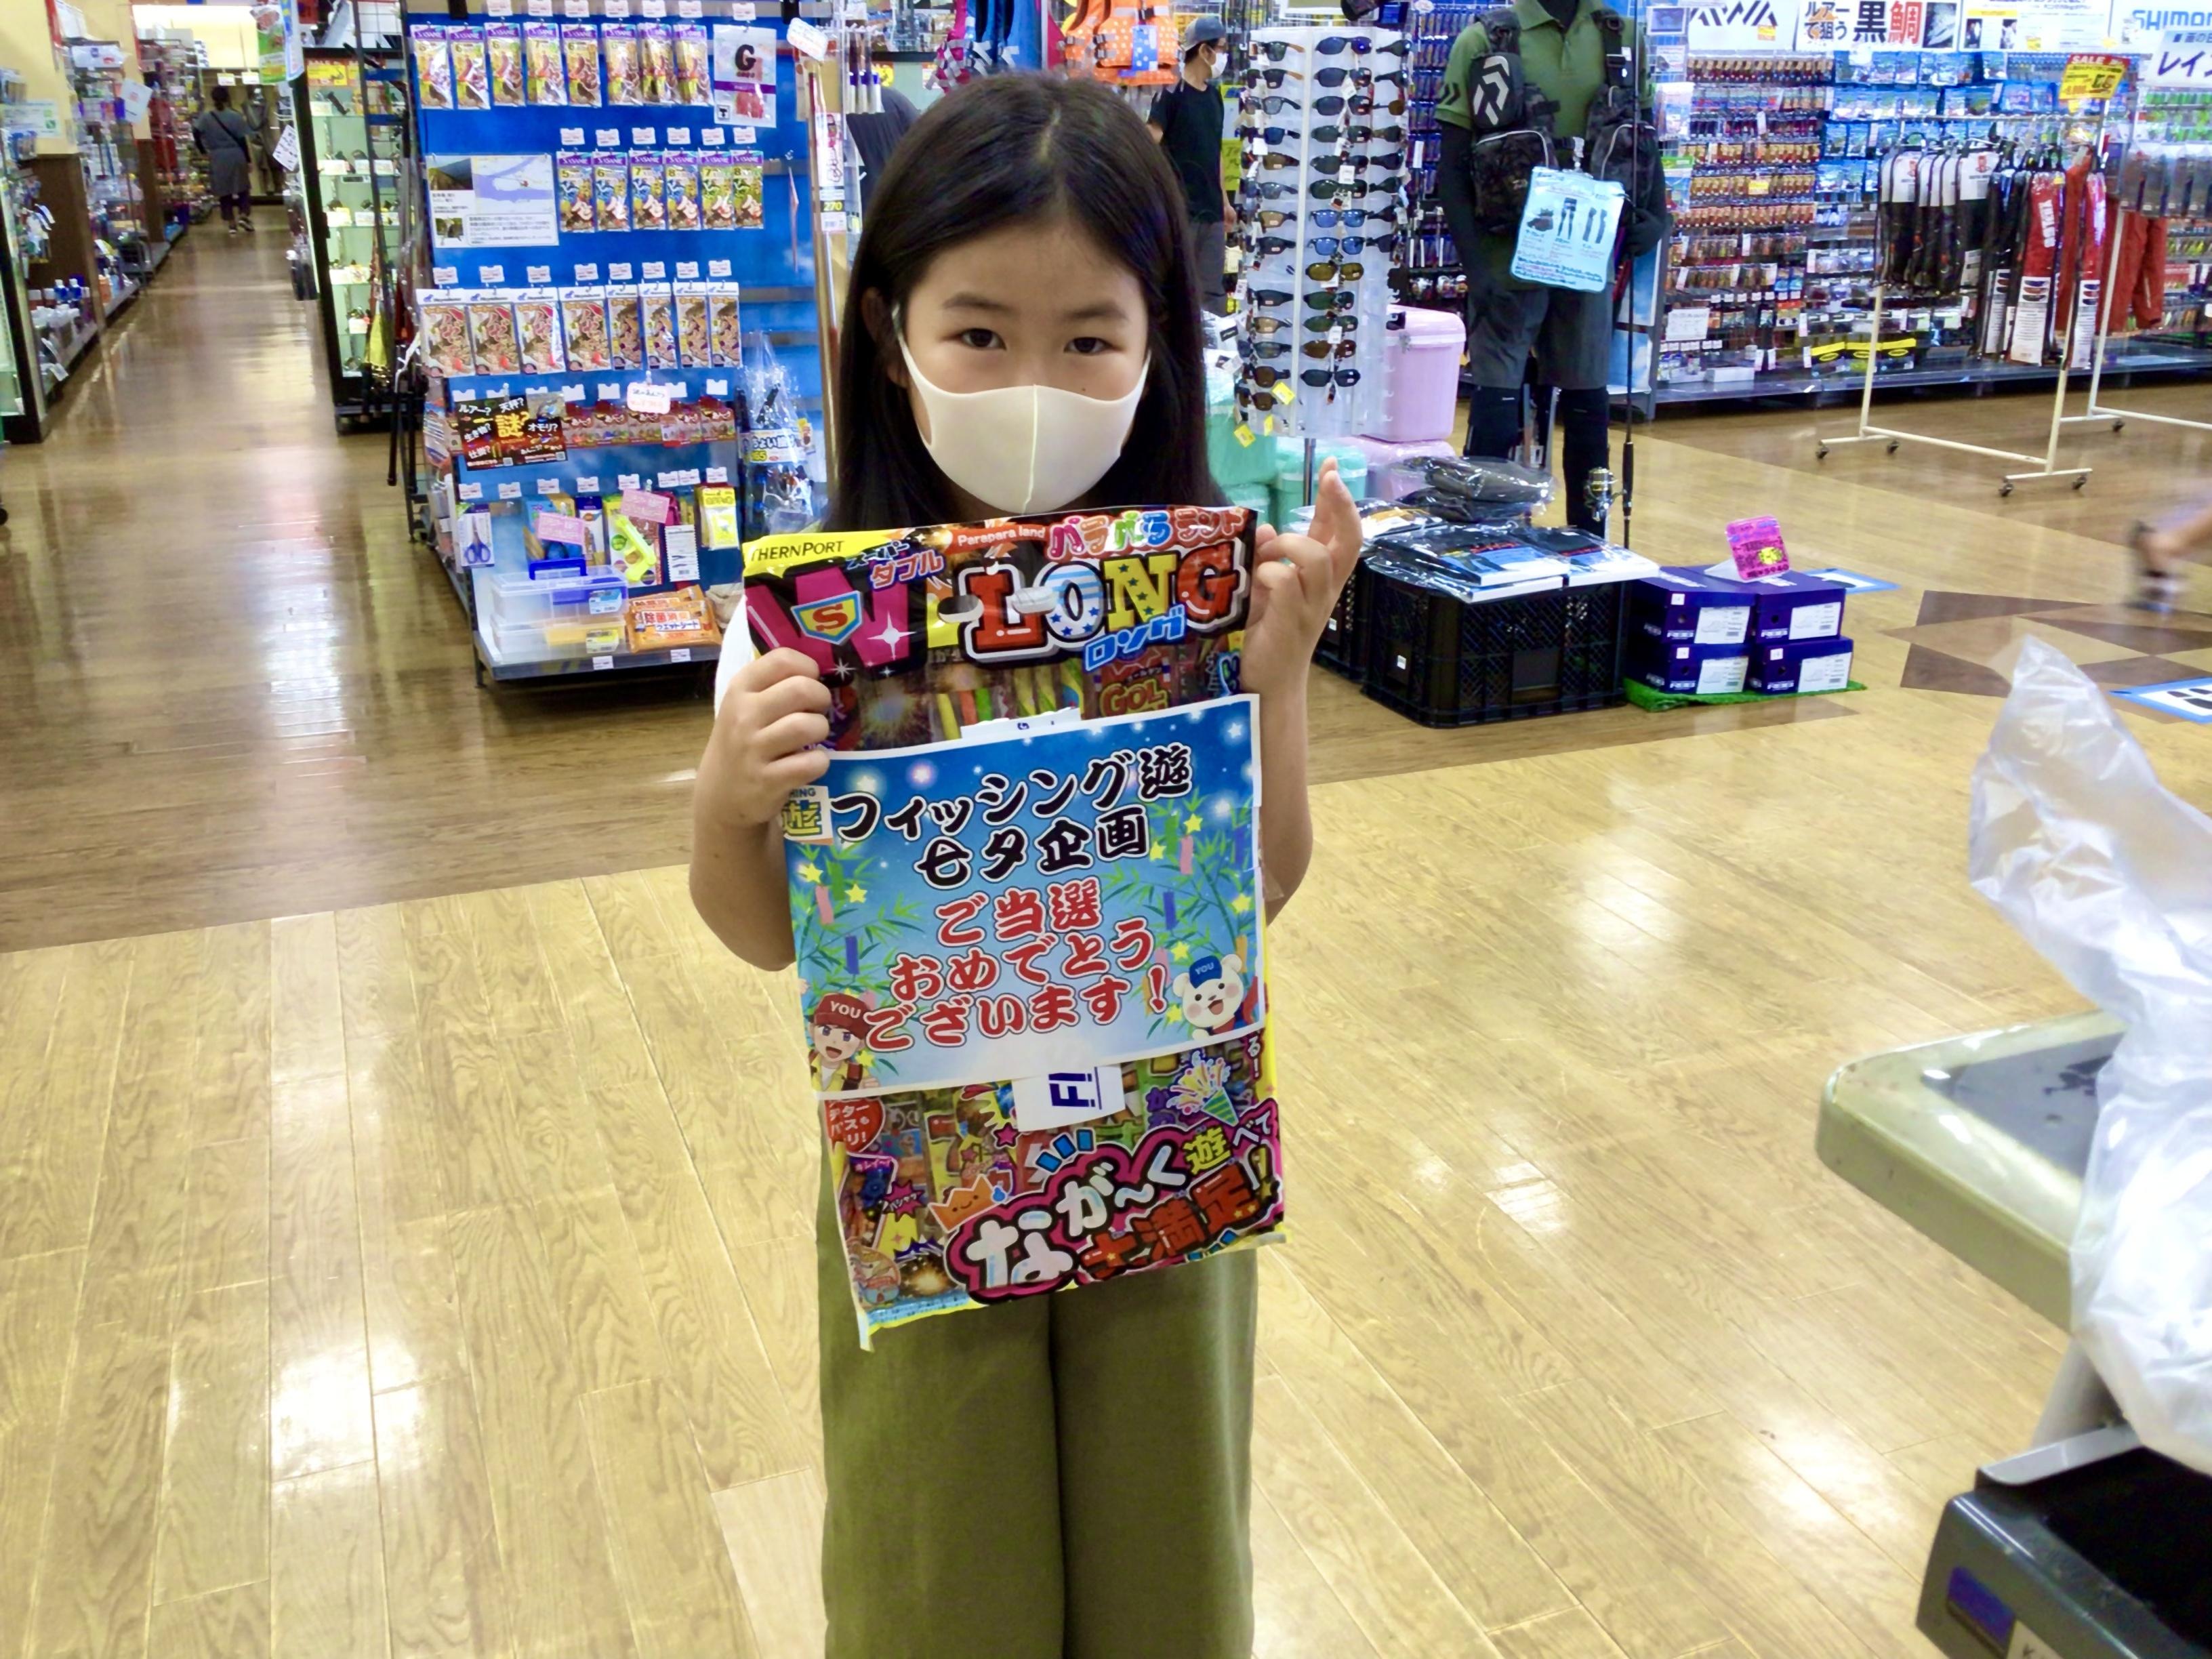 七夕インスタ企画!花火当選おめでとう!